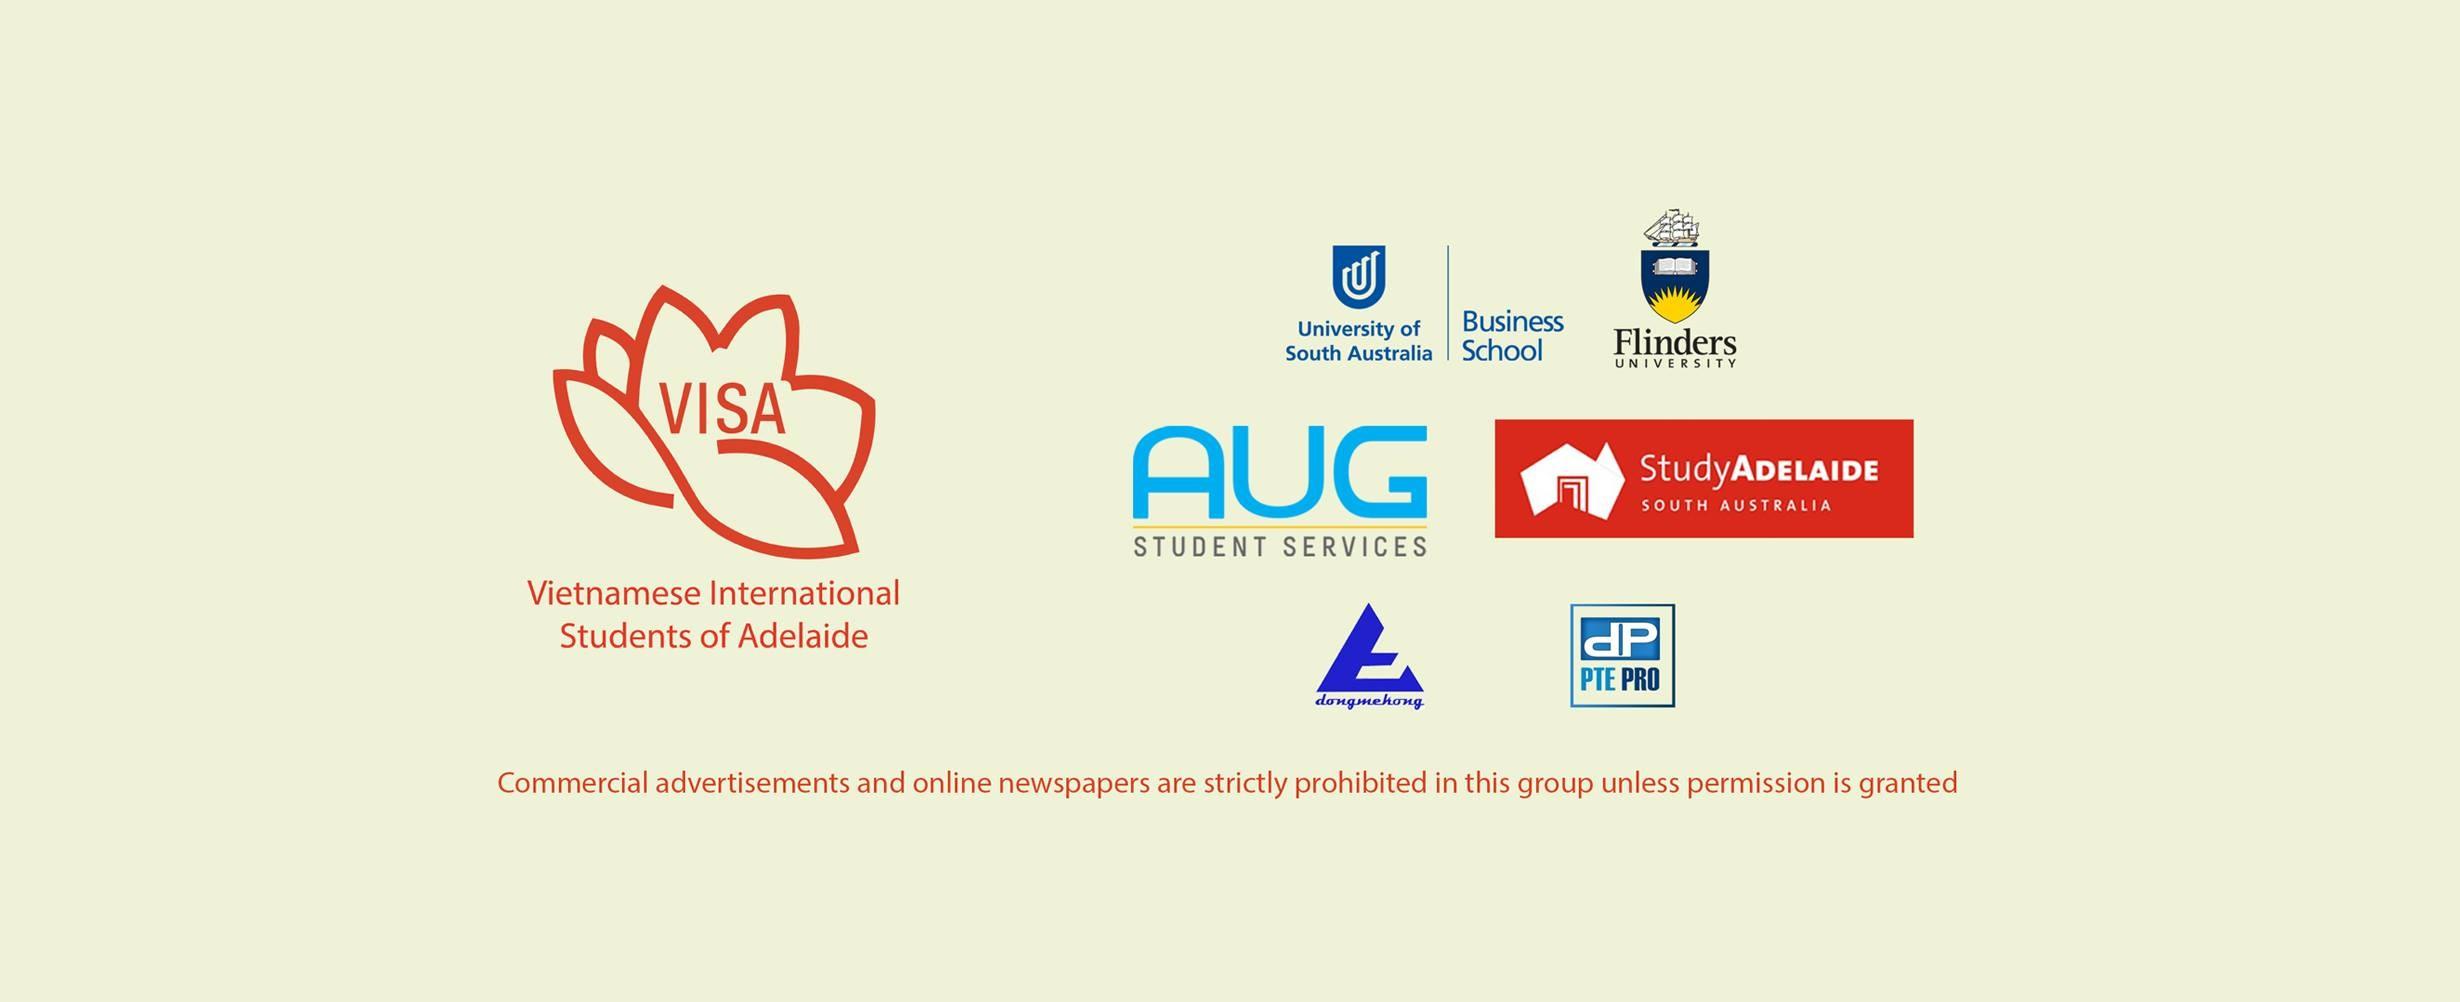 Vietnamese International Student of Adelaide   LinkedIn